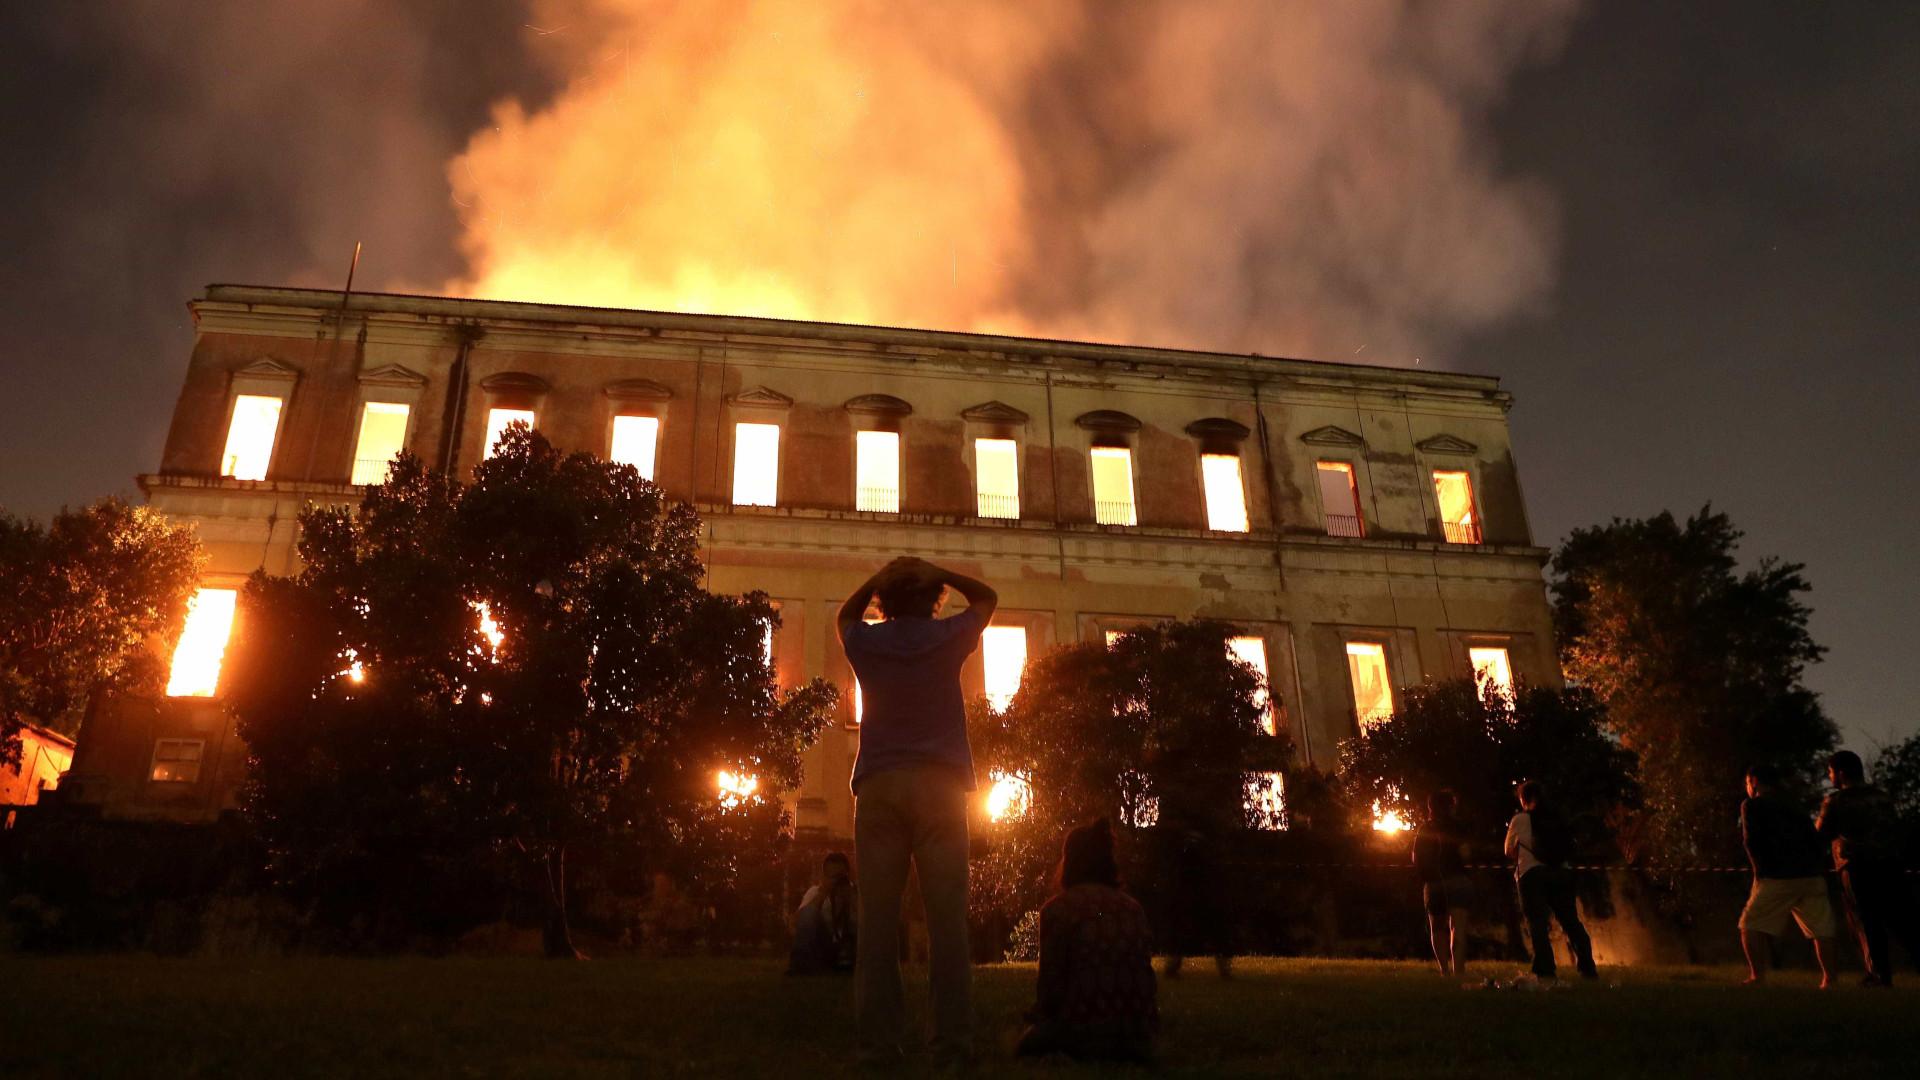 Na ressaca do incêndio no Museu, agência reguladora gera desgaste